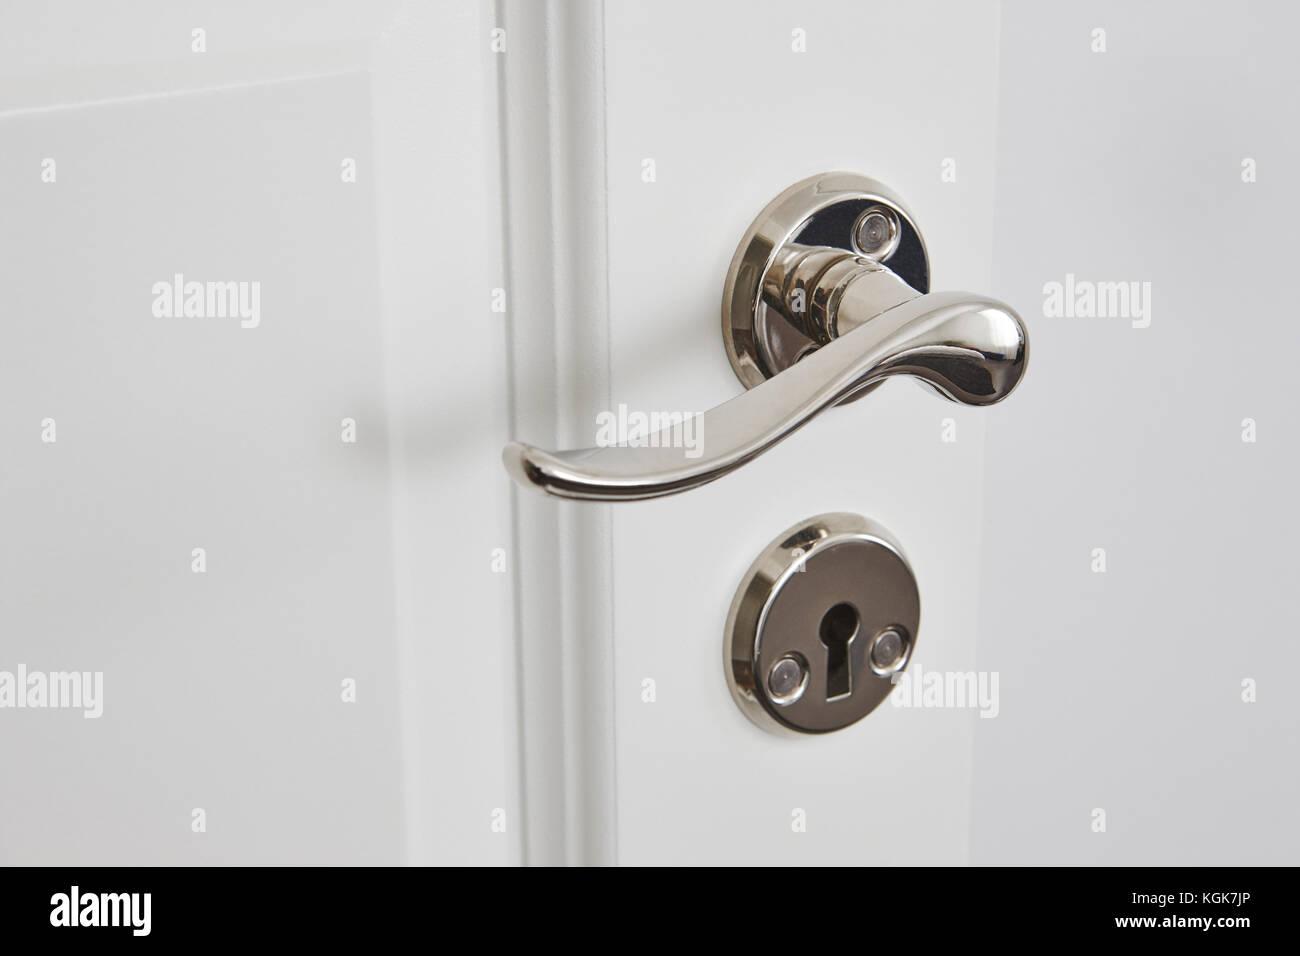 Metallic Classic Door Knob On A White Door. Open Closed